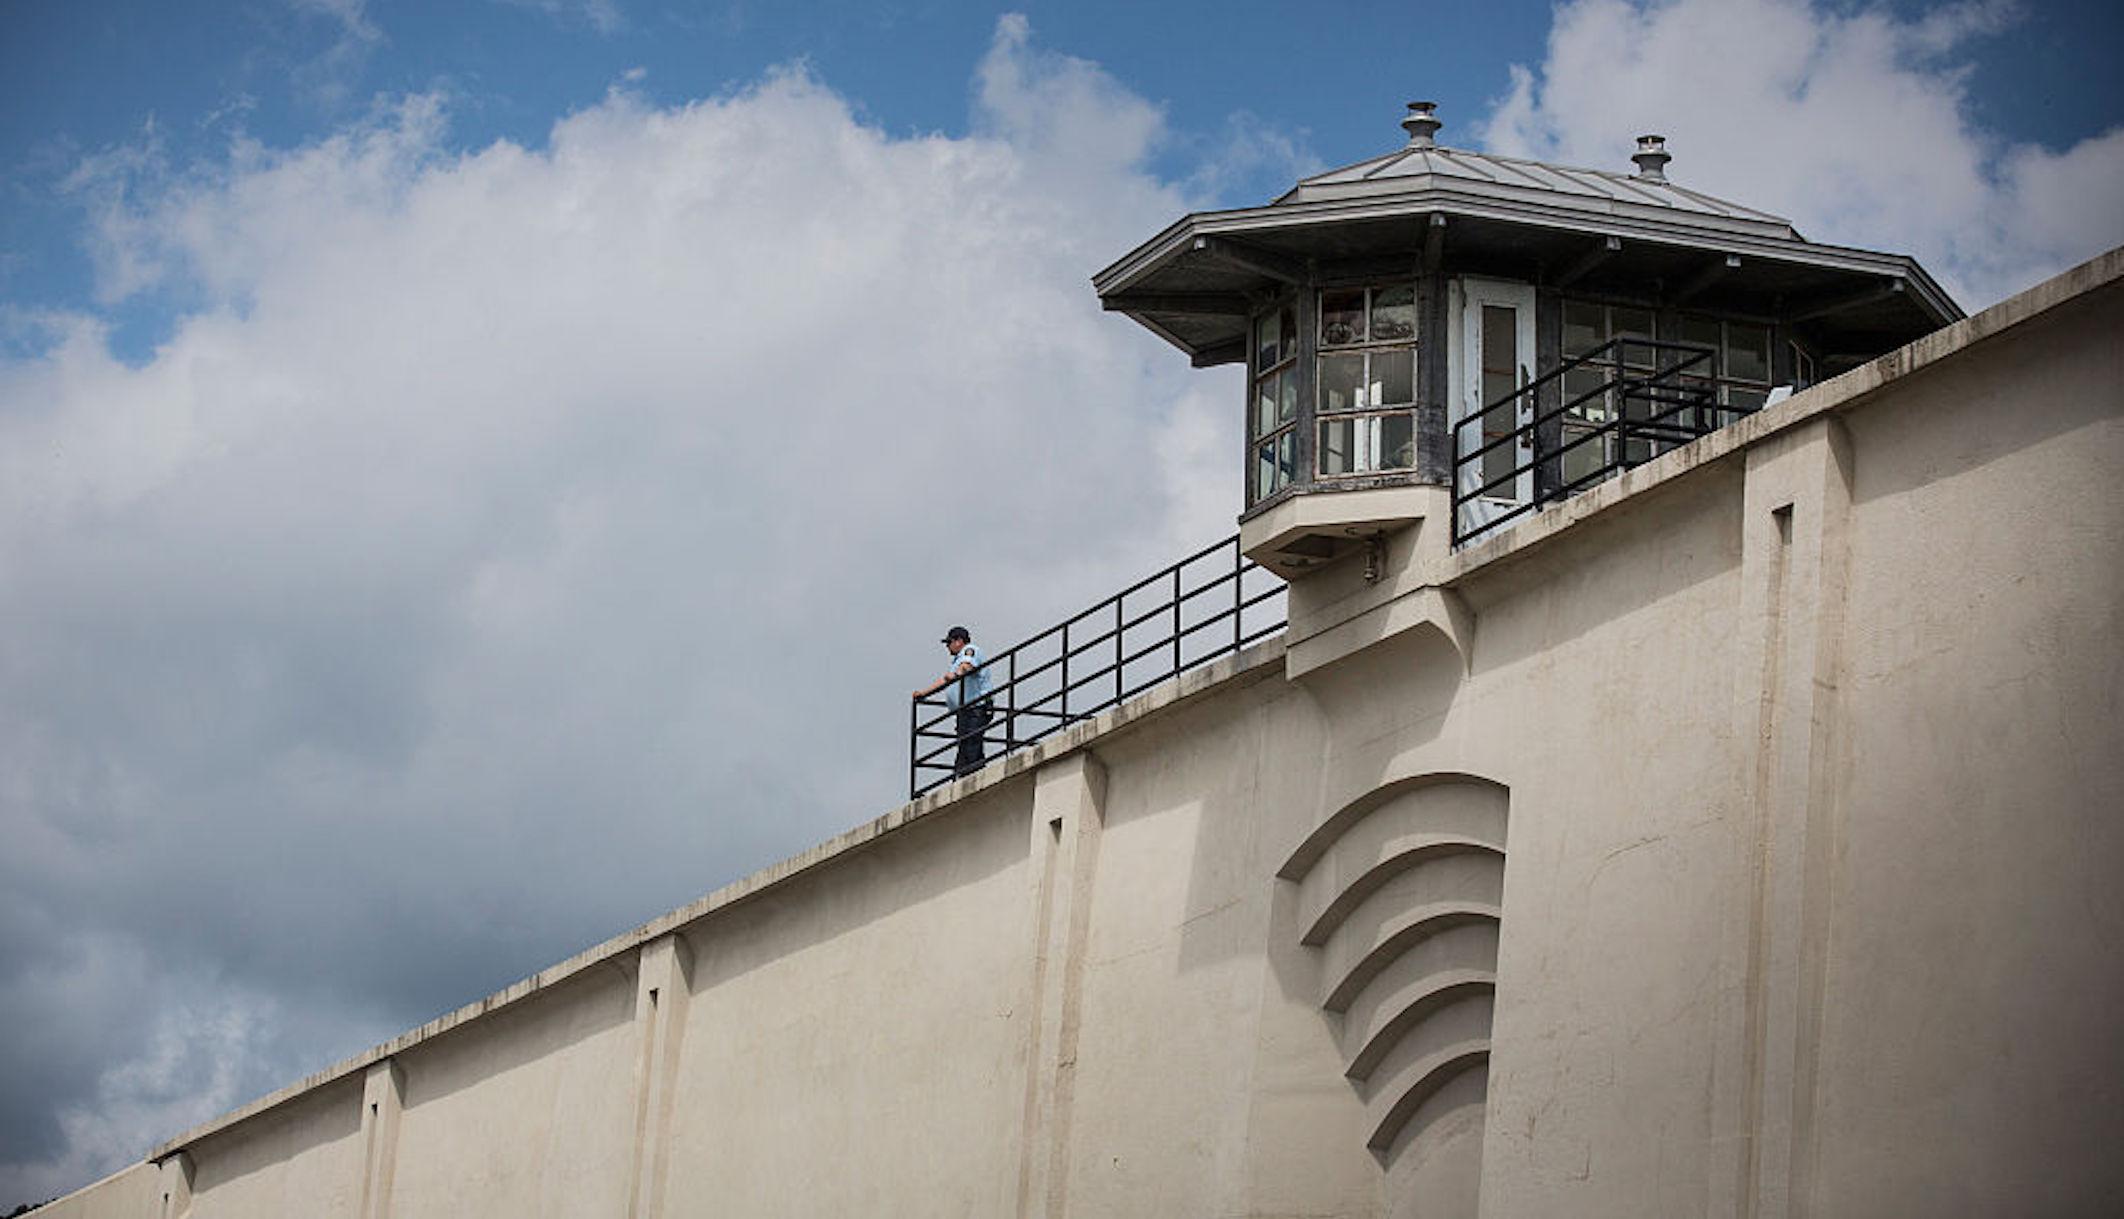 Watch Dannemora Prison Break: The Waning